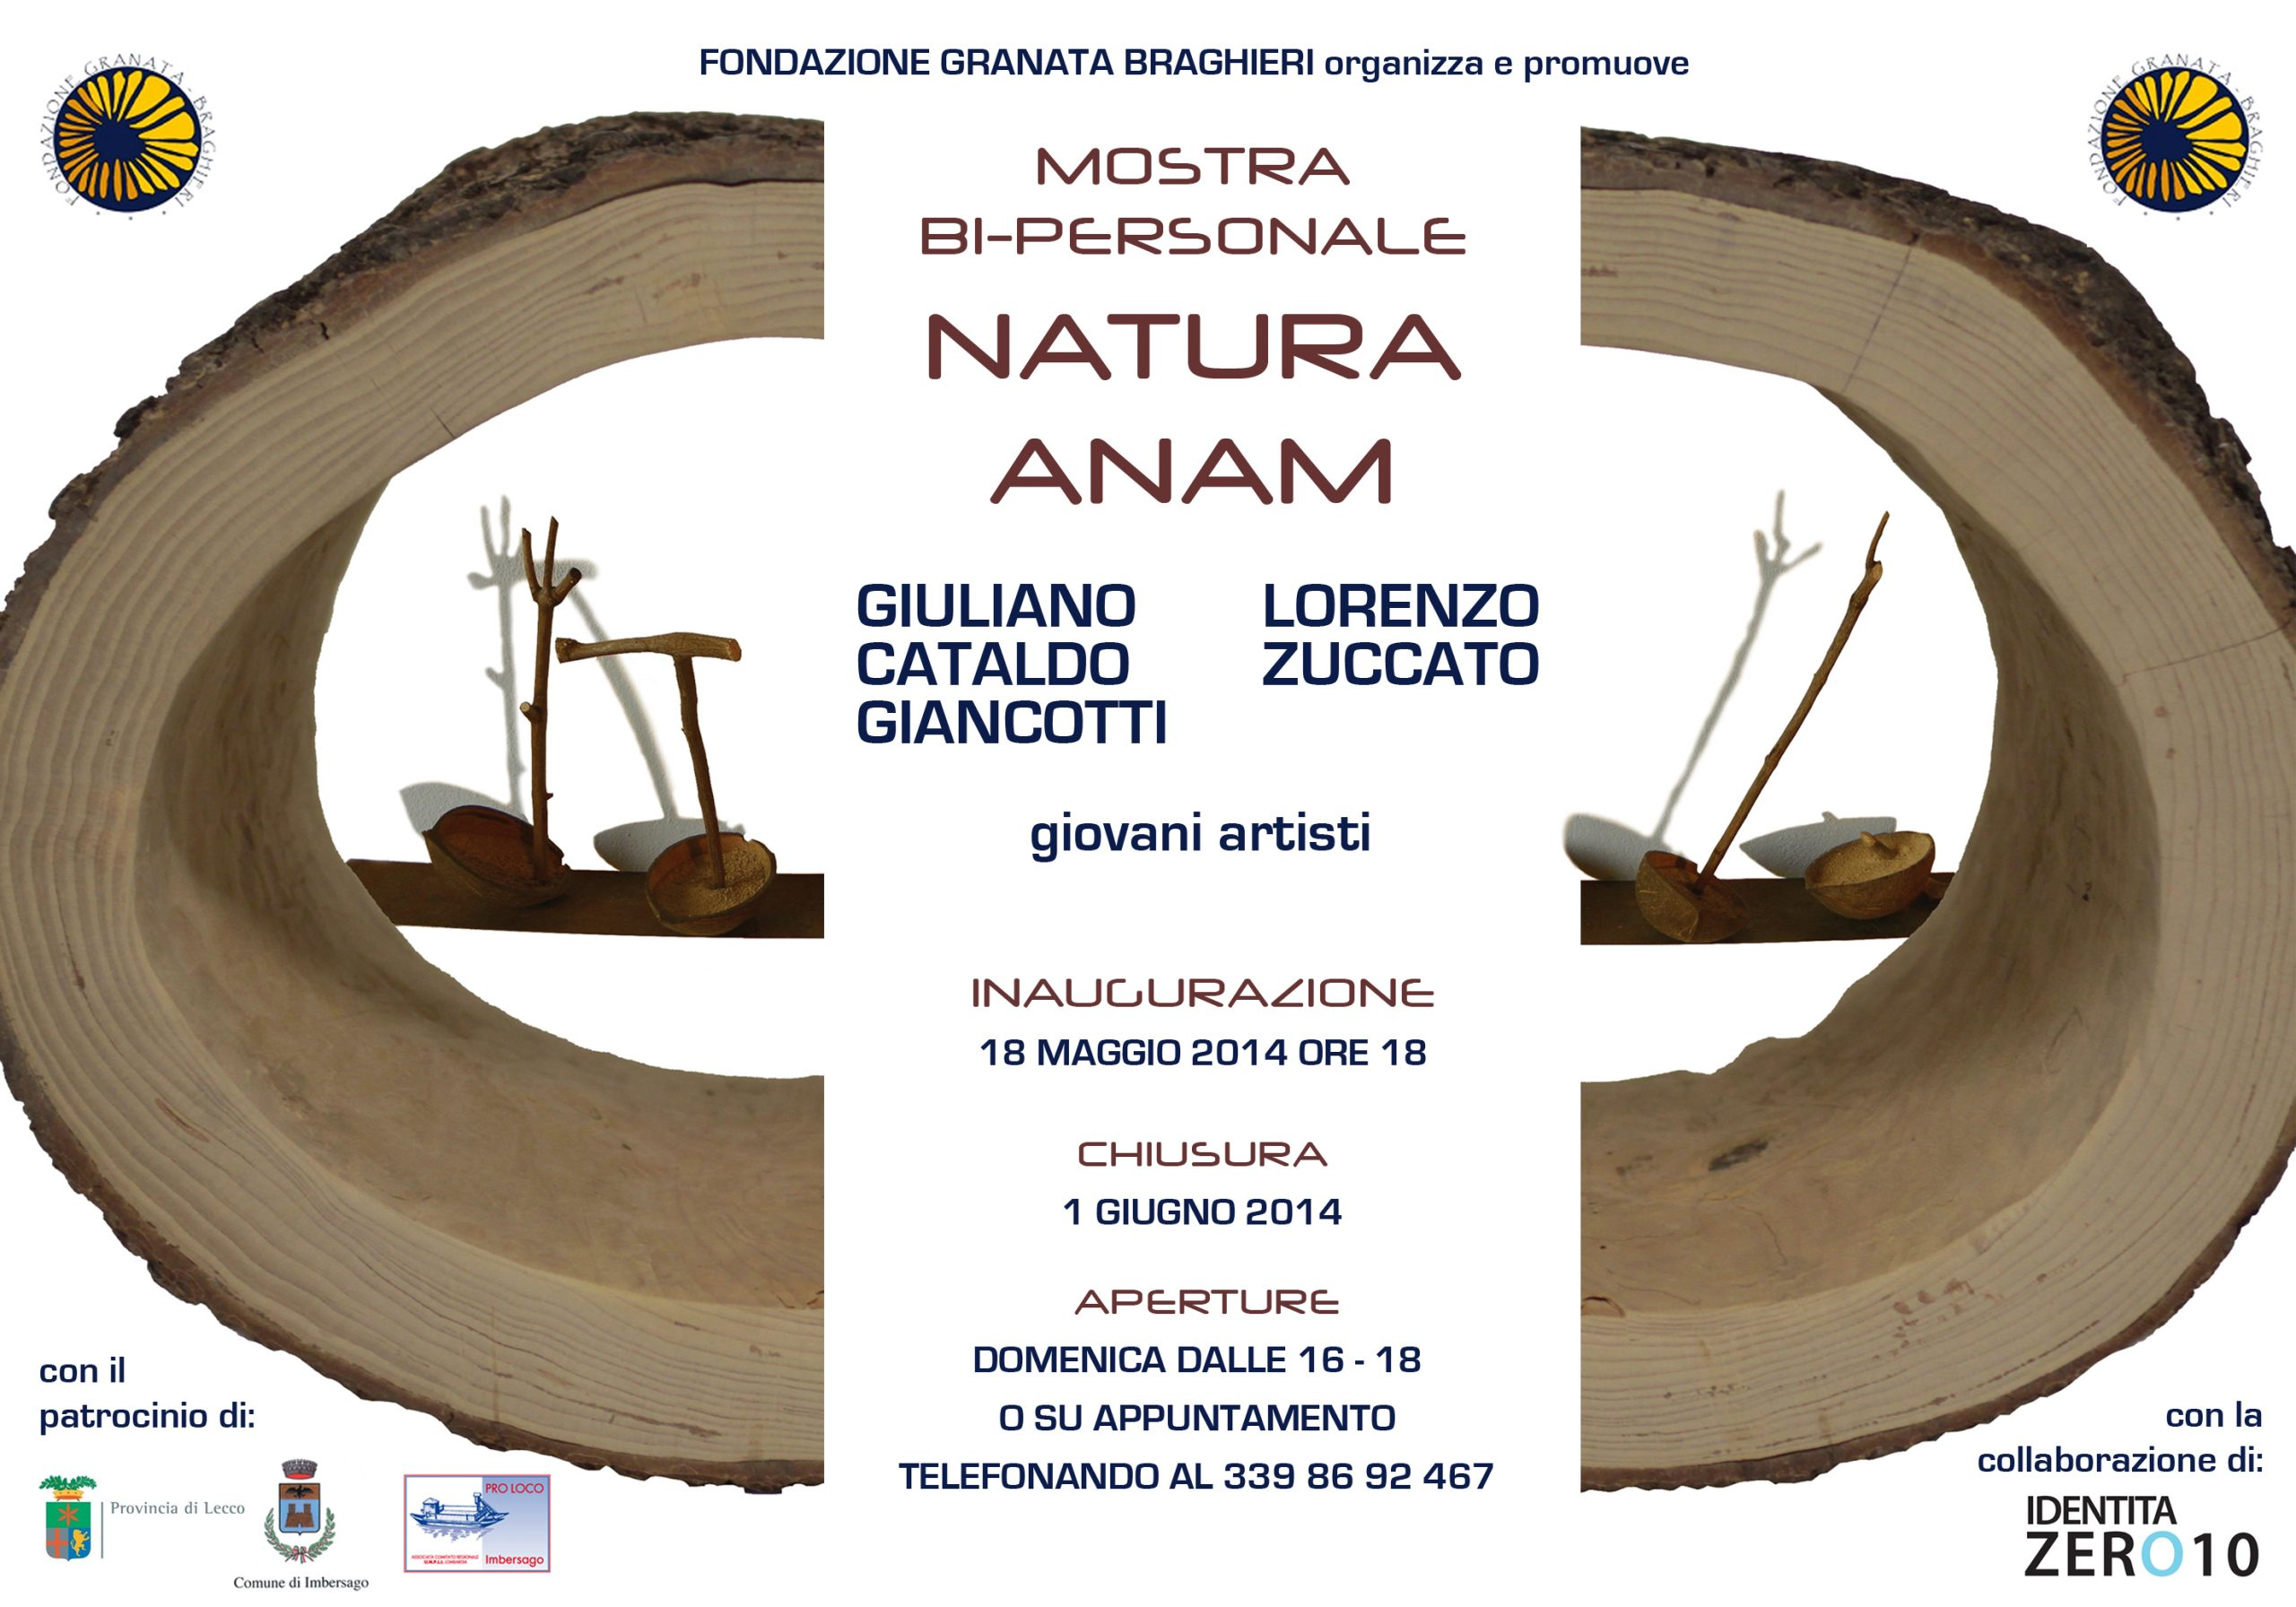 Natura Anam di Giuliano Cataldo Giancotti e Lorenzo Zuccato